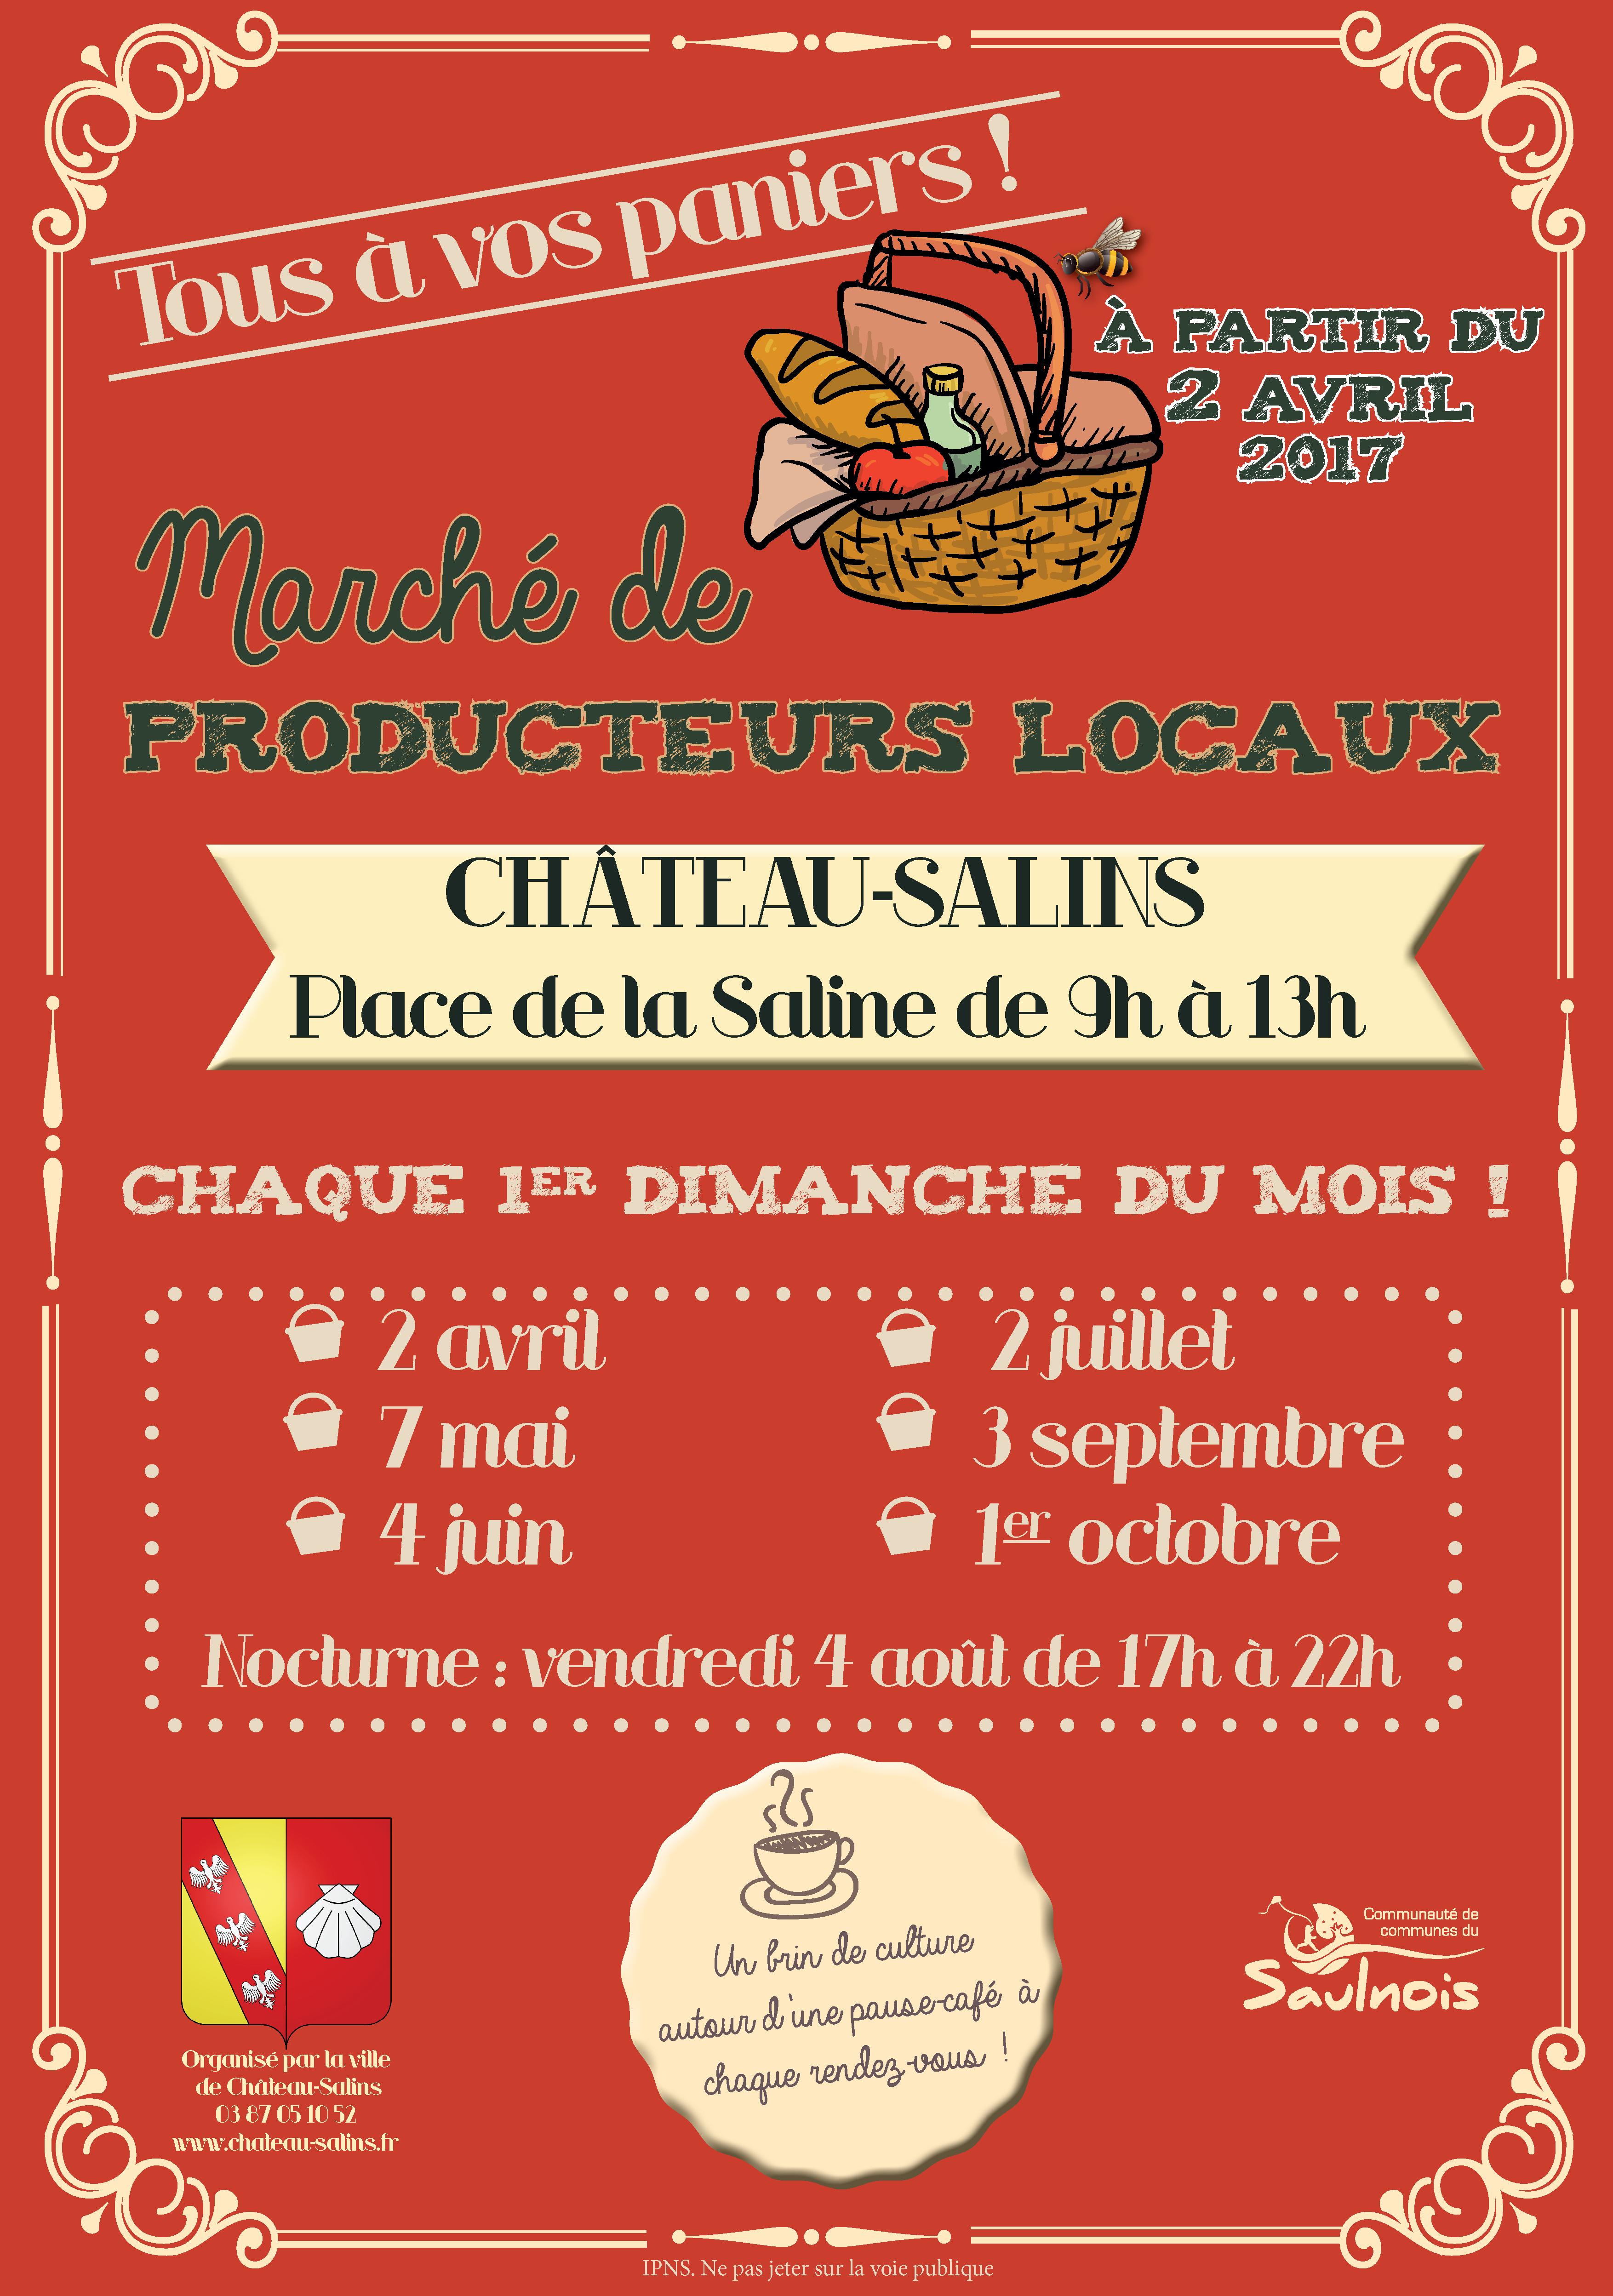 MARCHE DE PRODUCTEURS LOCAUX